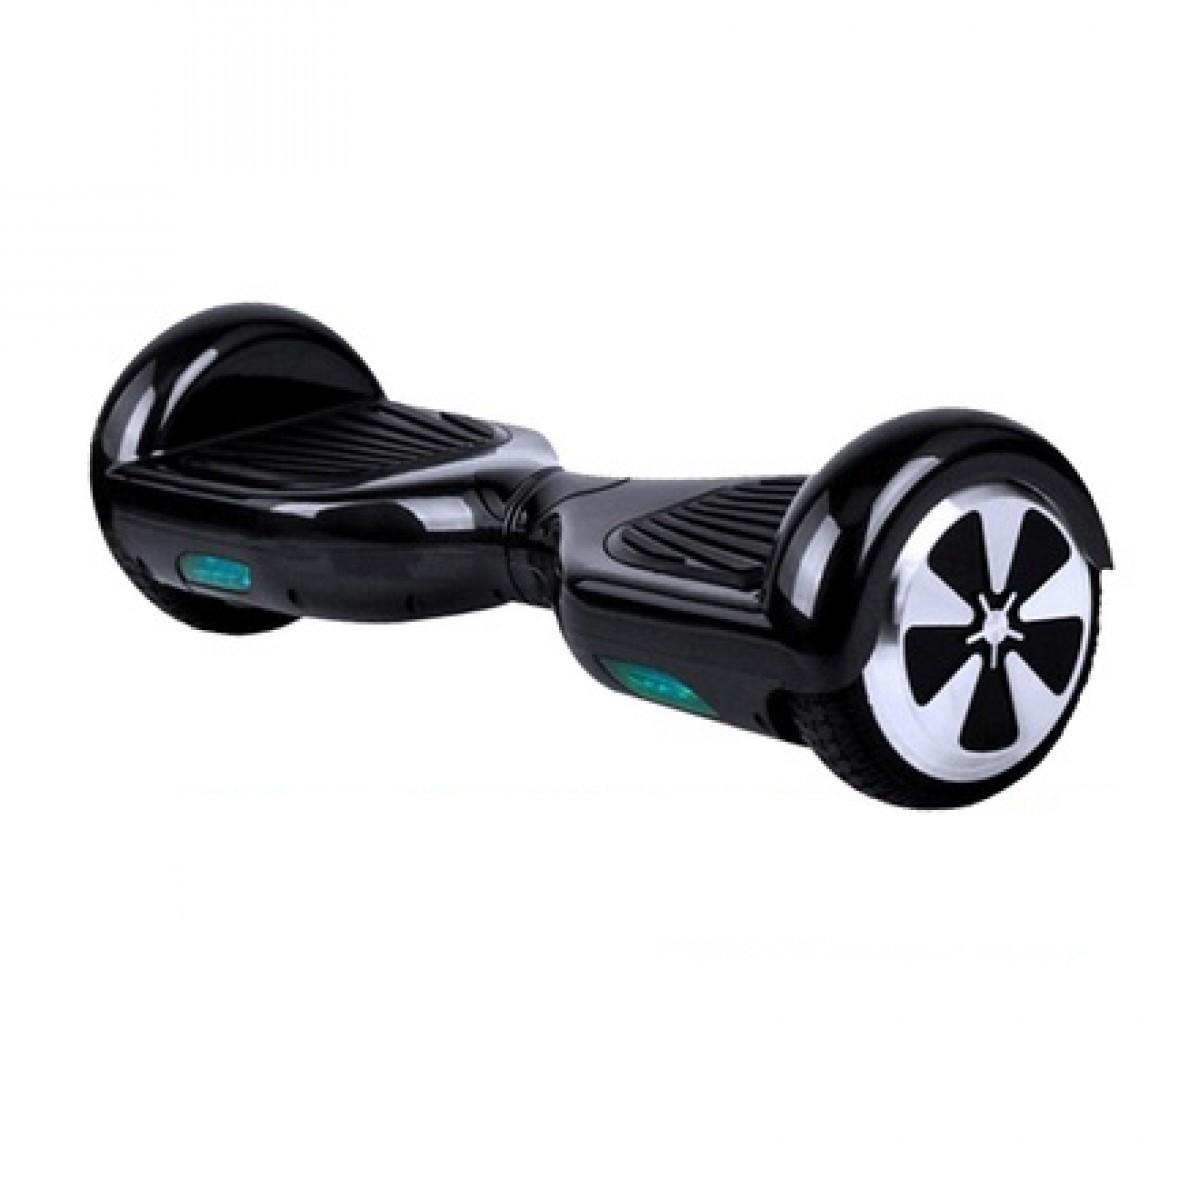 6.5 hoverboard black sydney2